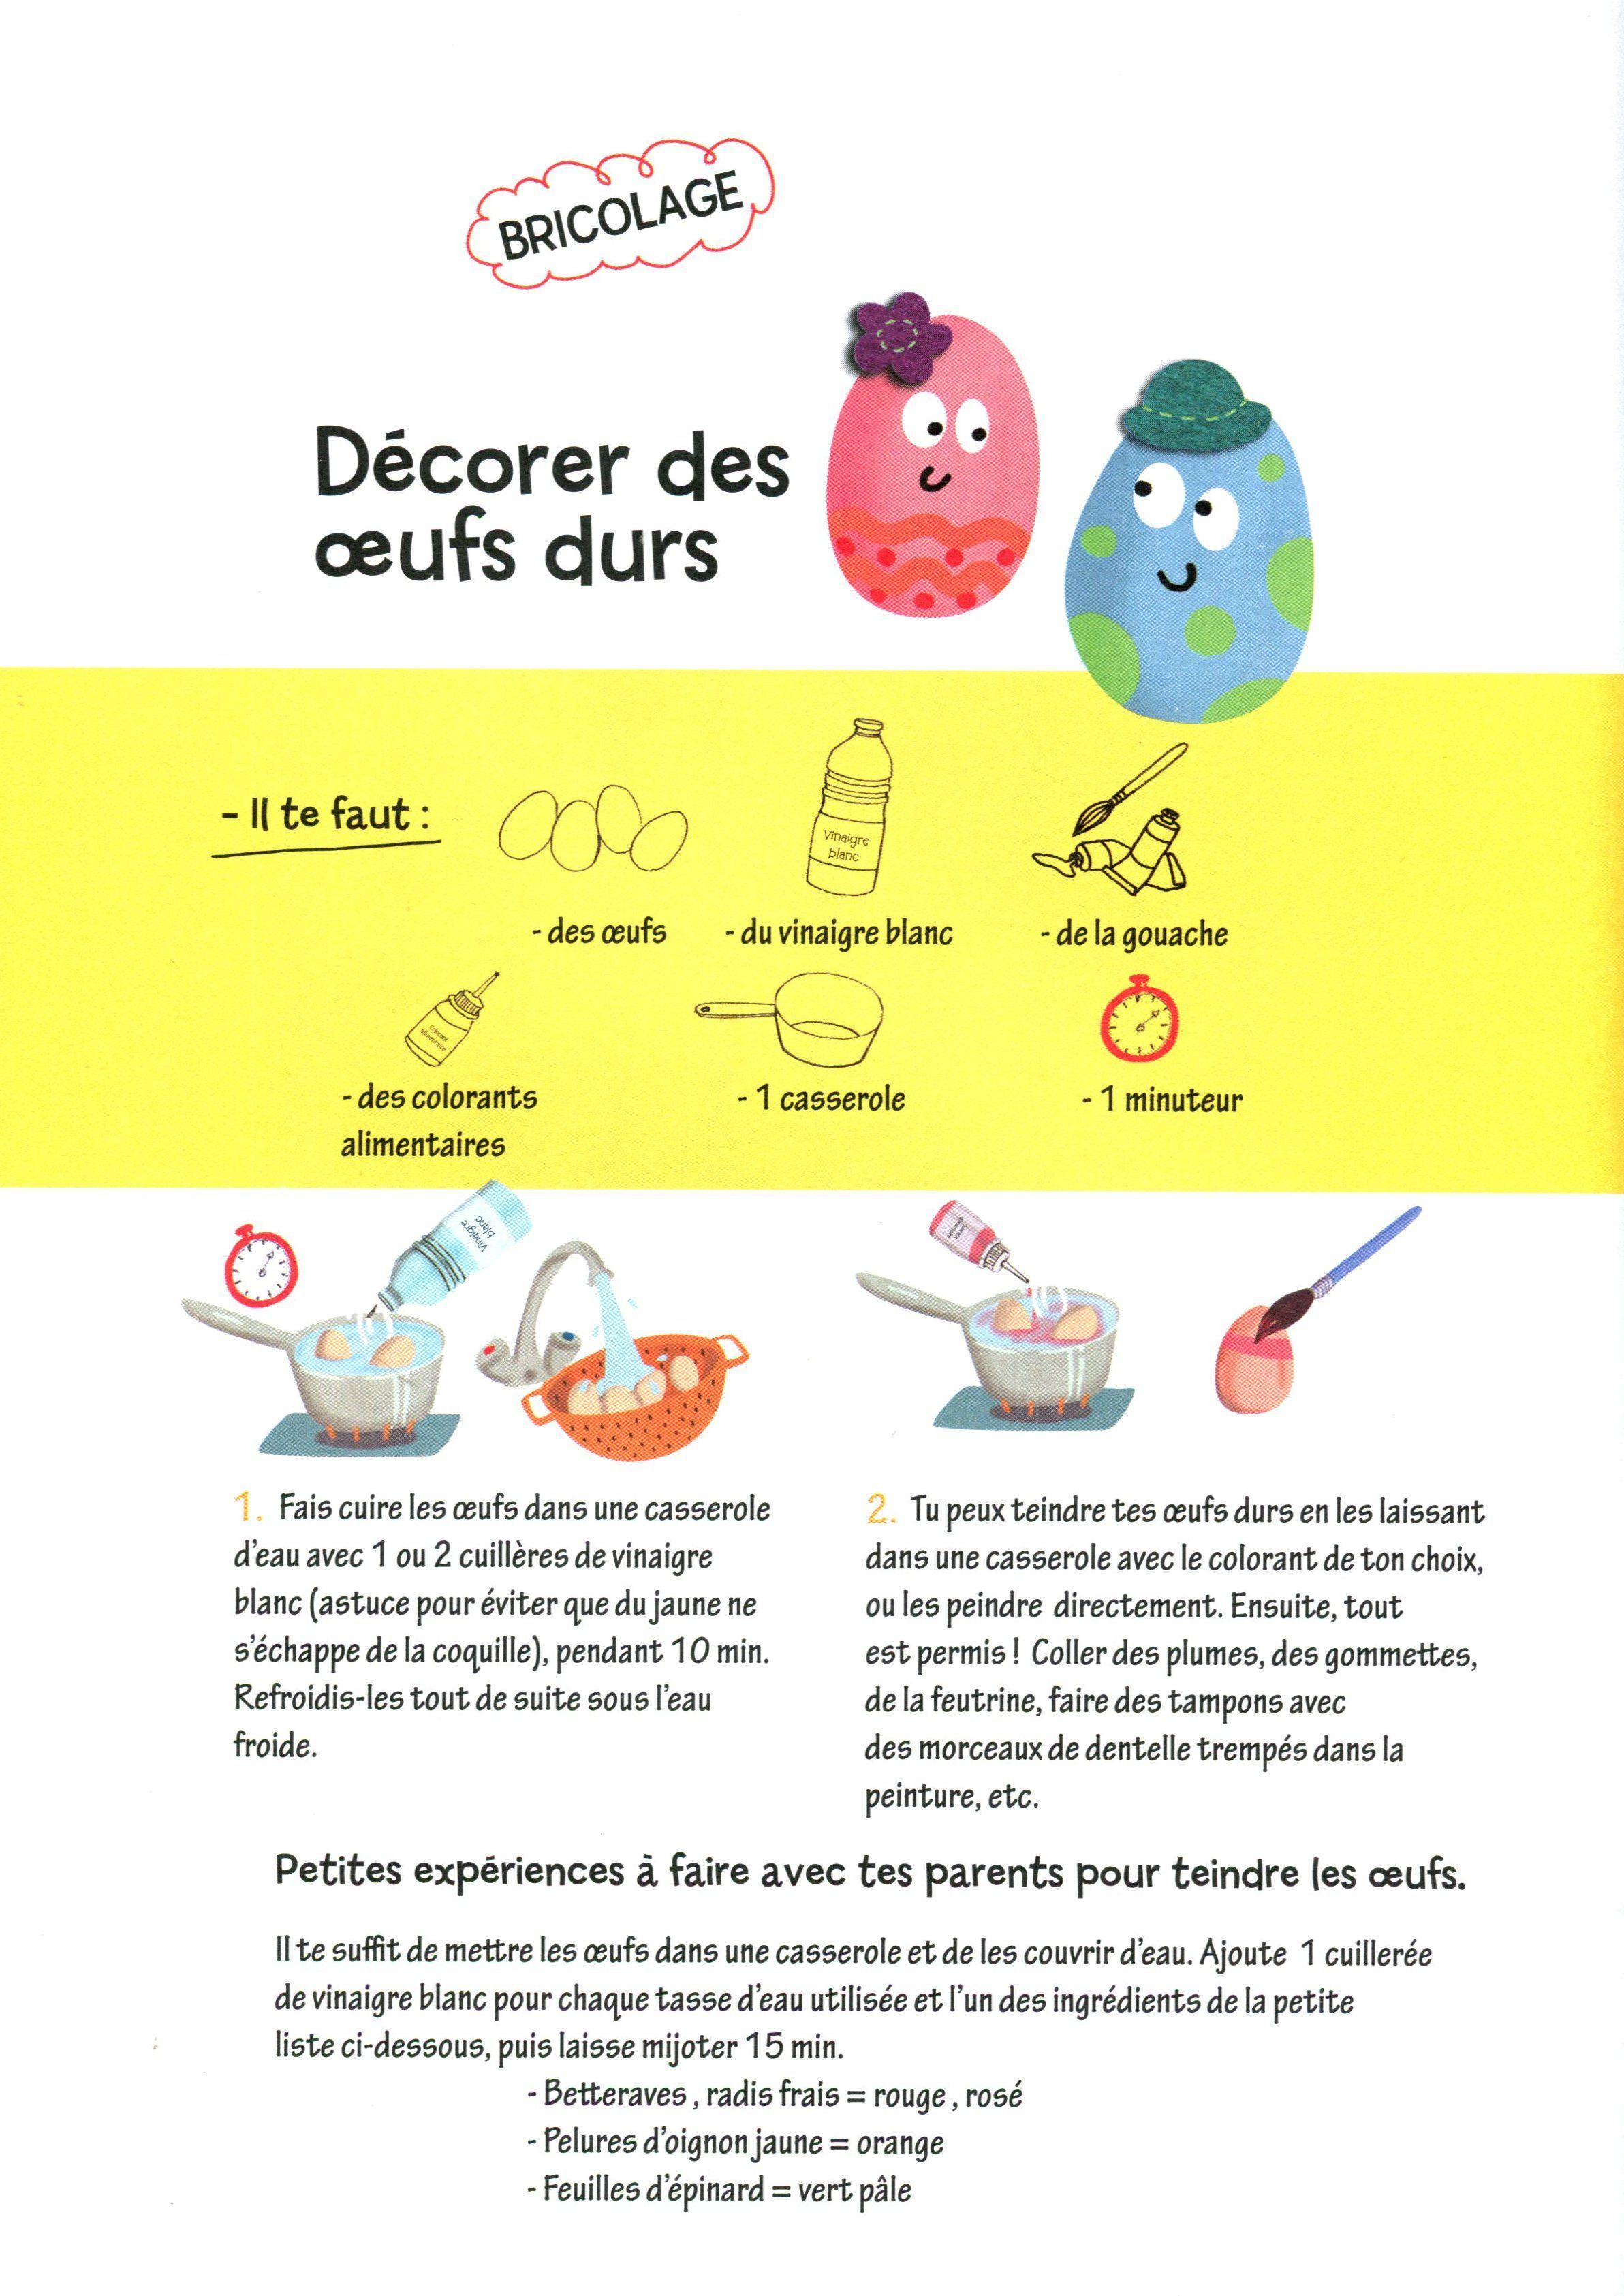 Pâques Recette De Cuisine Pour Enfant Arts And Crafts For Kids Crafts For Kids Saveur